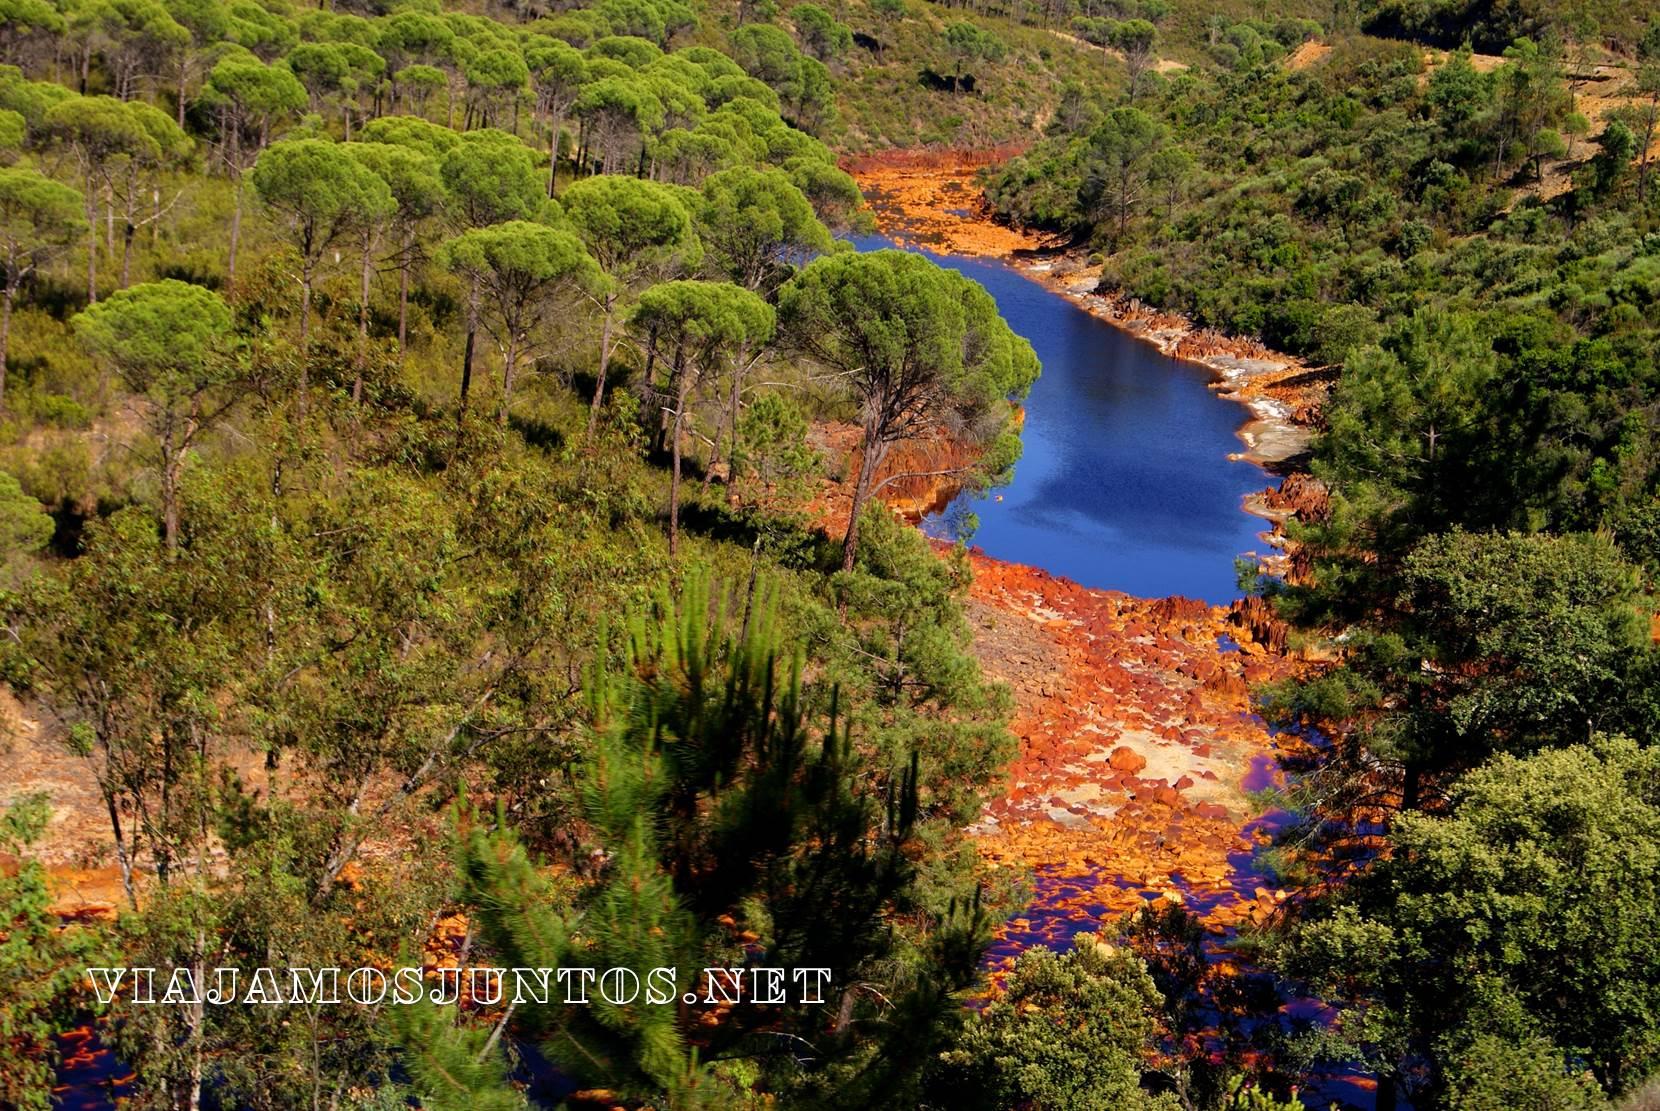 Riotinto, Río Tinto, minas, parque natural, parque nacional, huelva, andalucia, senderismo, rutas